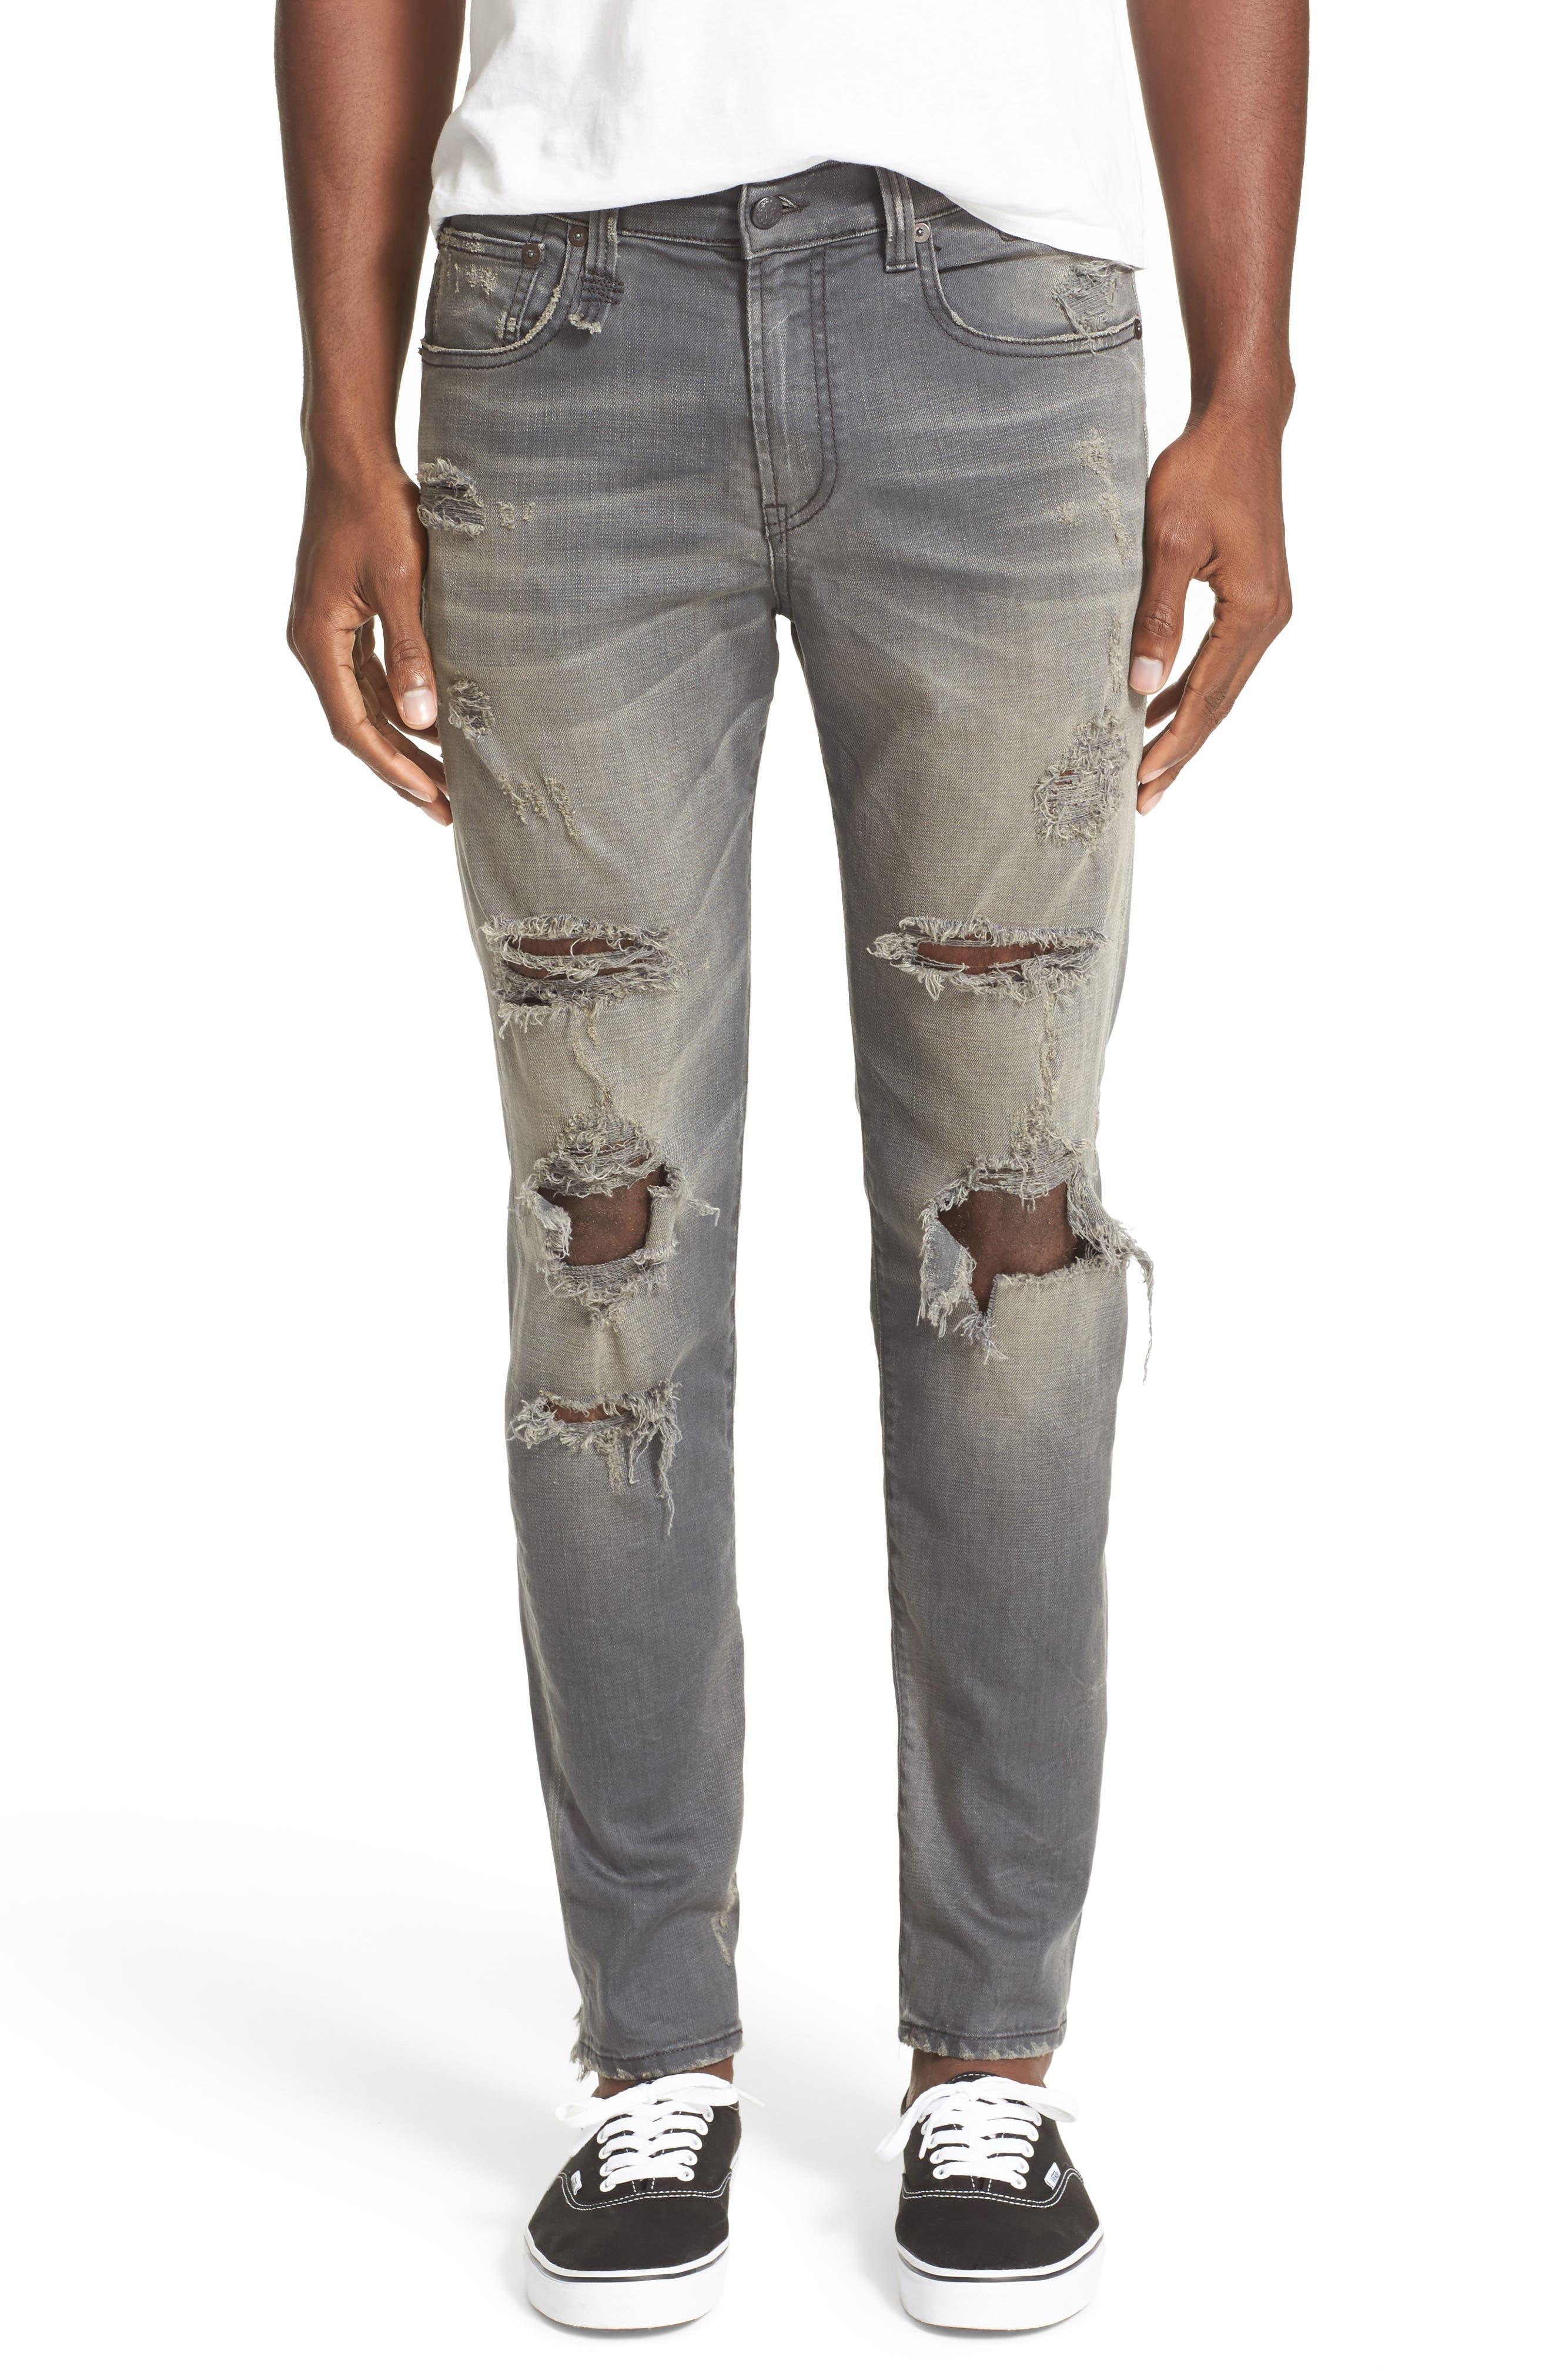 Skate Shredded Skinny Jeans,                             Main thumbnail 1, color,                             020